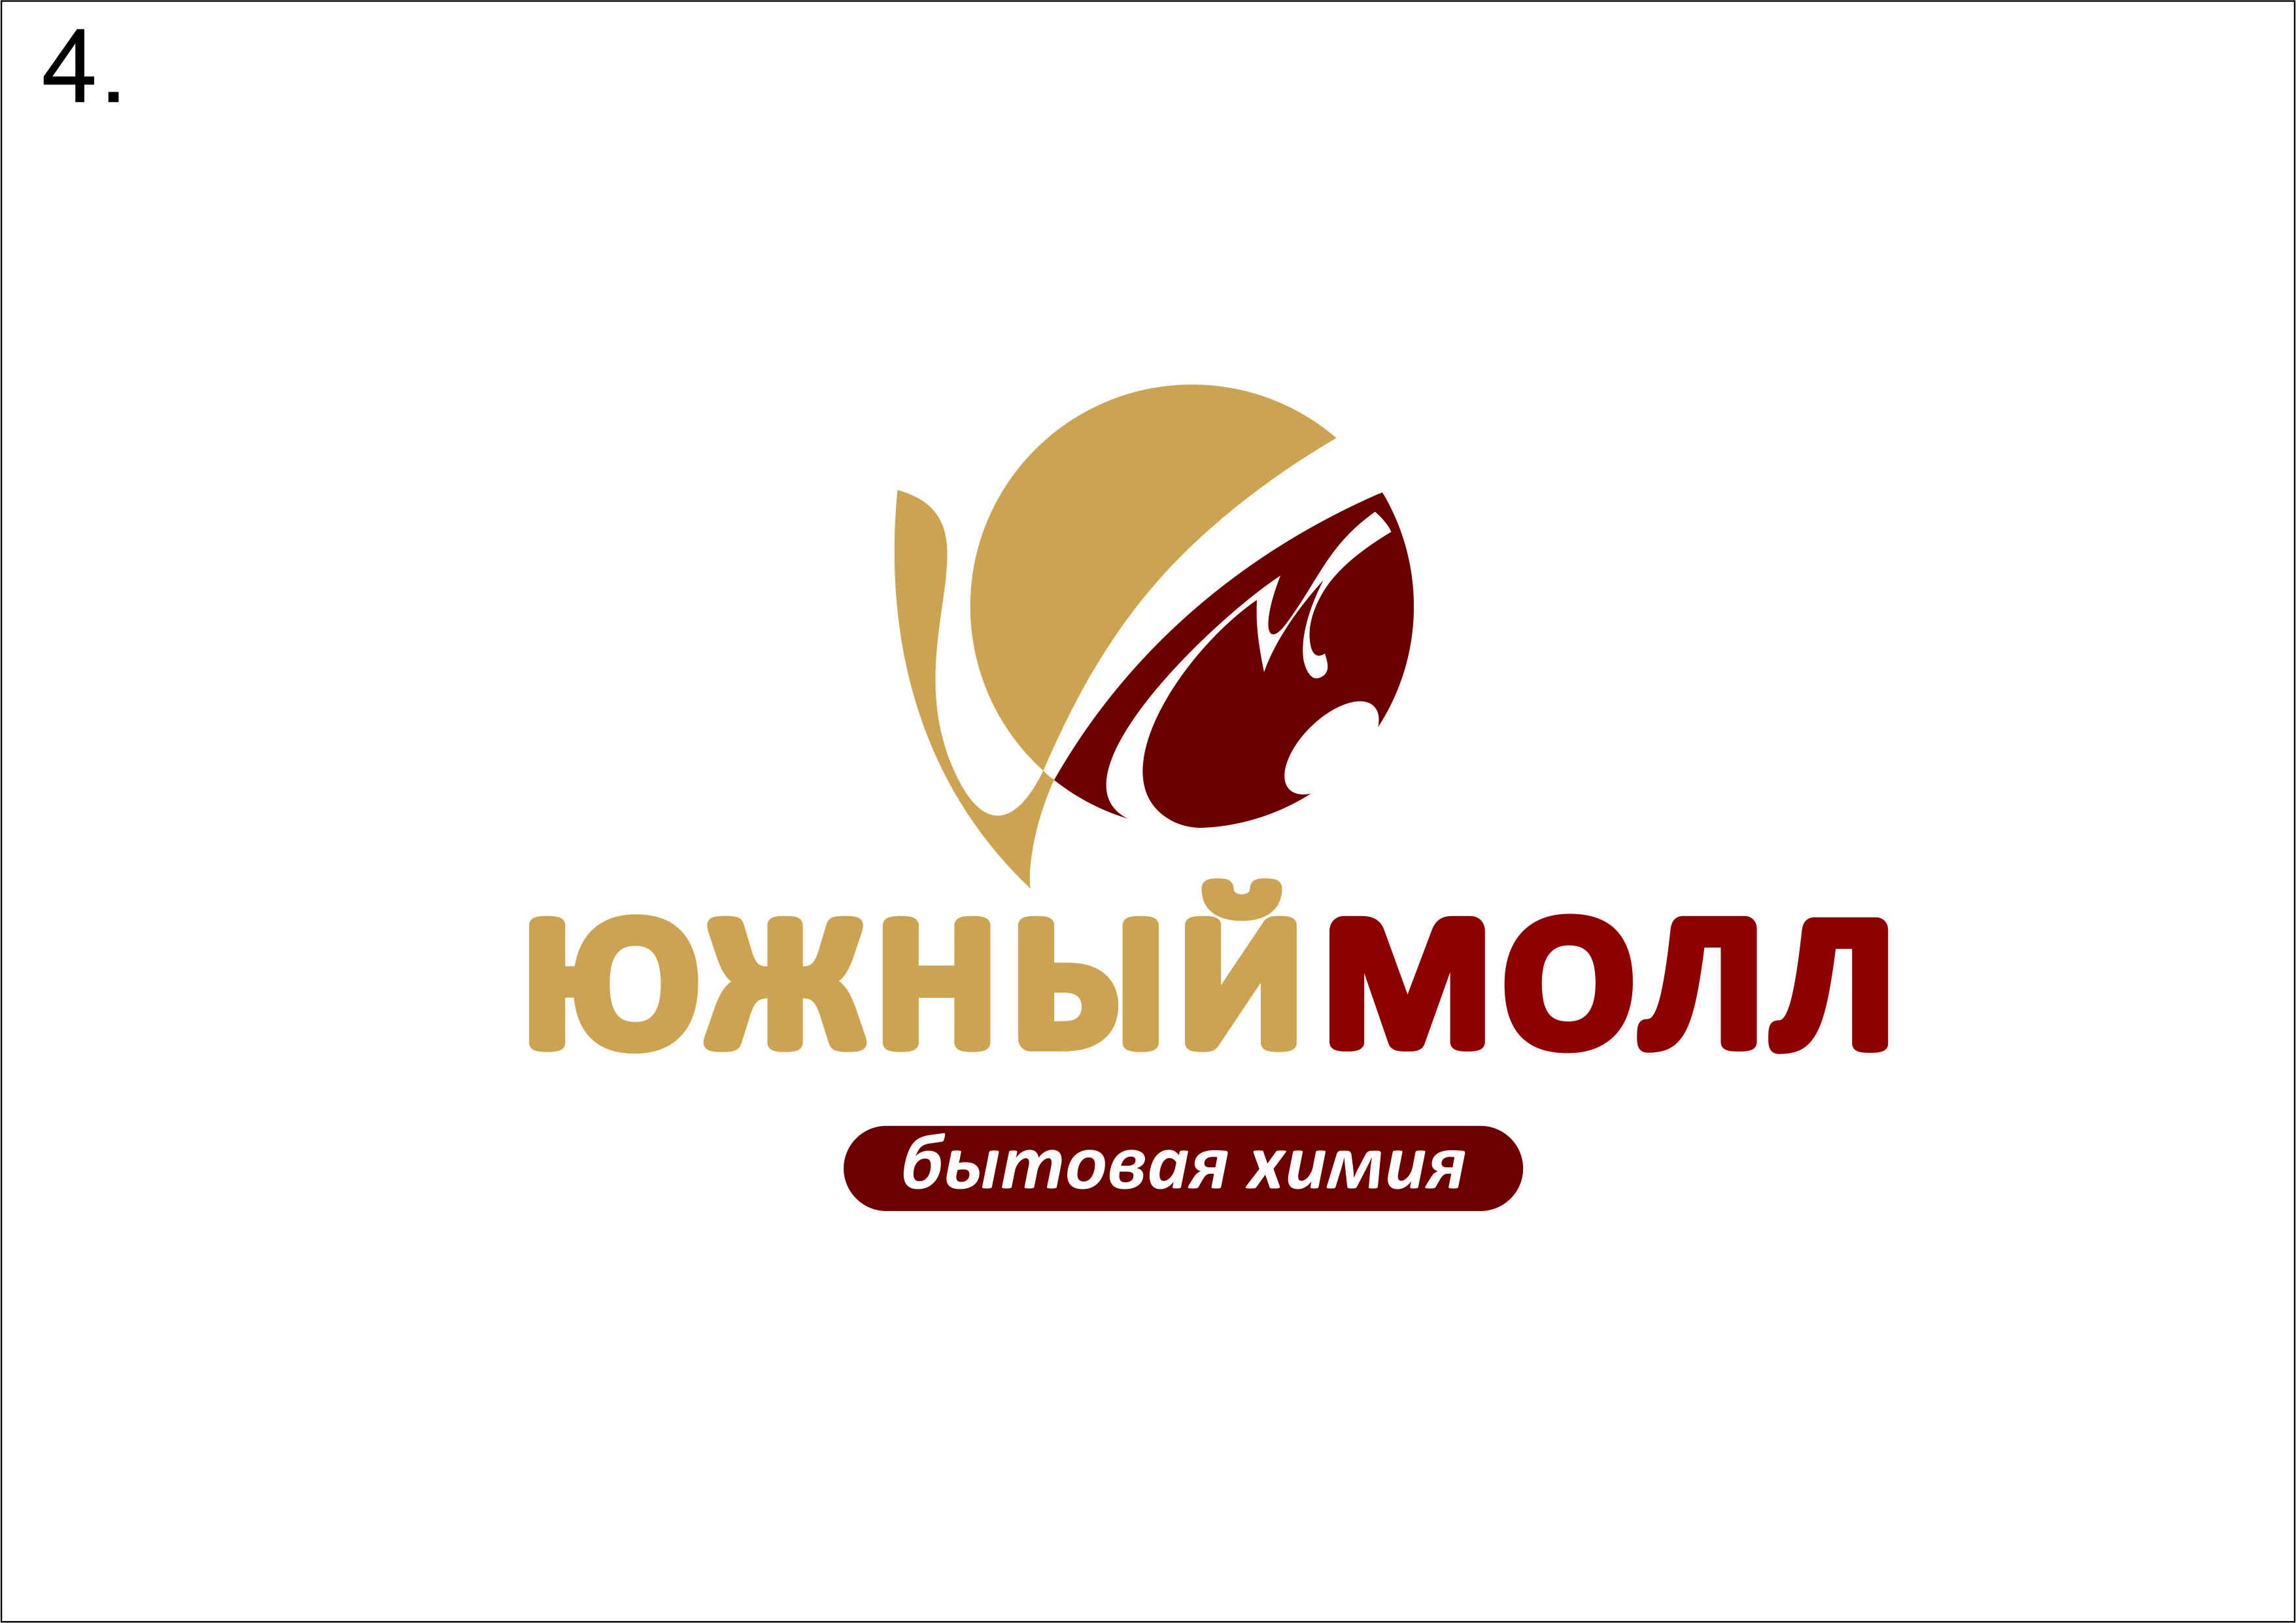 Разработка логотипа фото f_4db4ca054343a.jpg